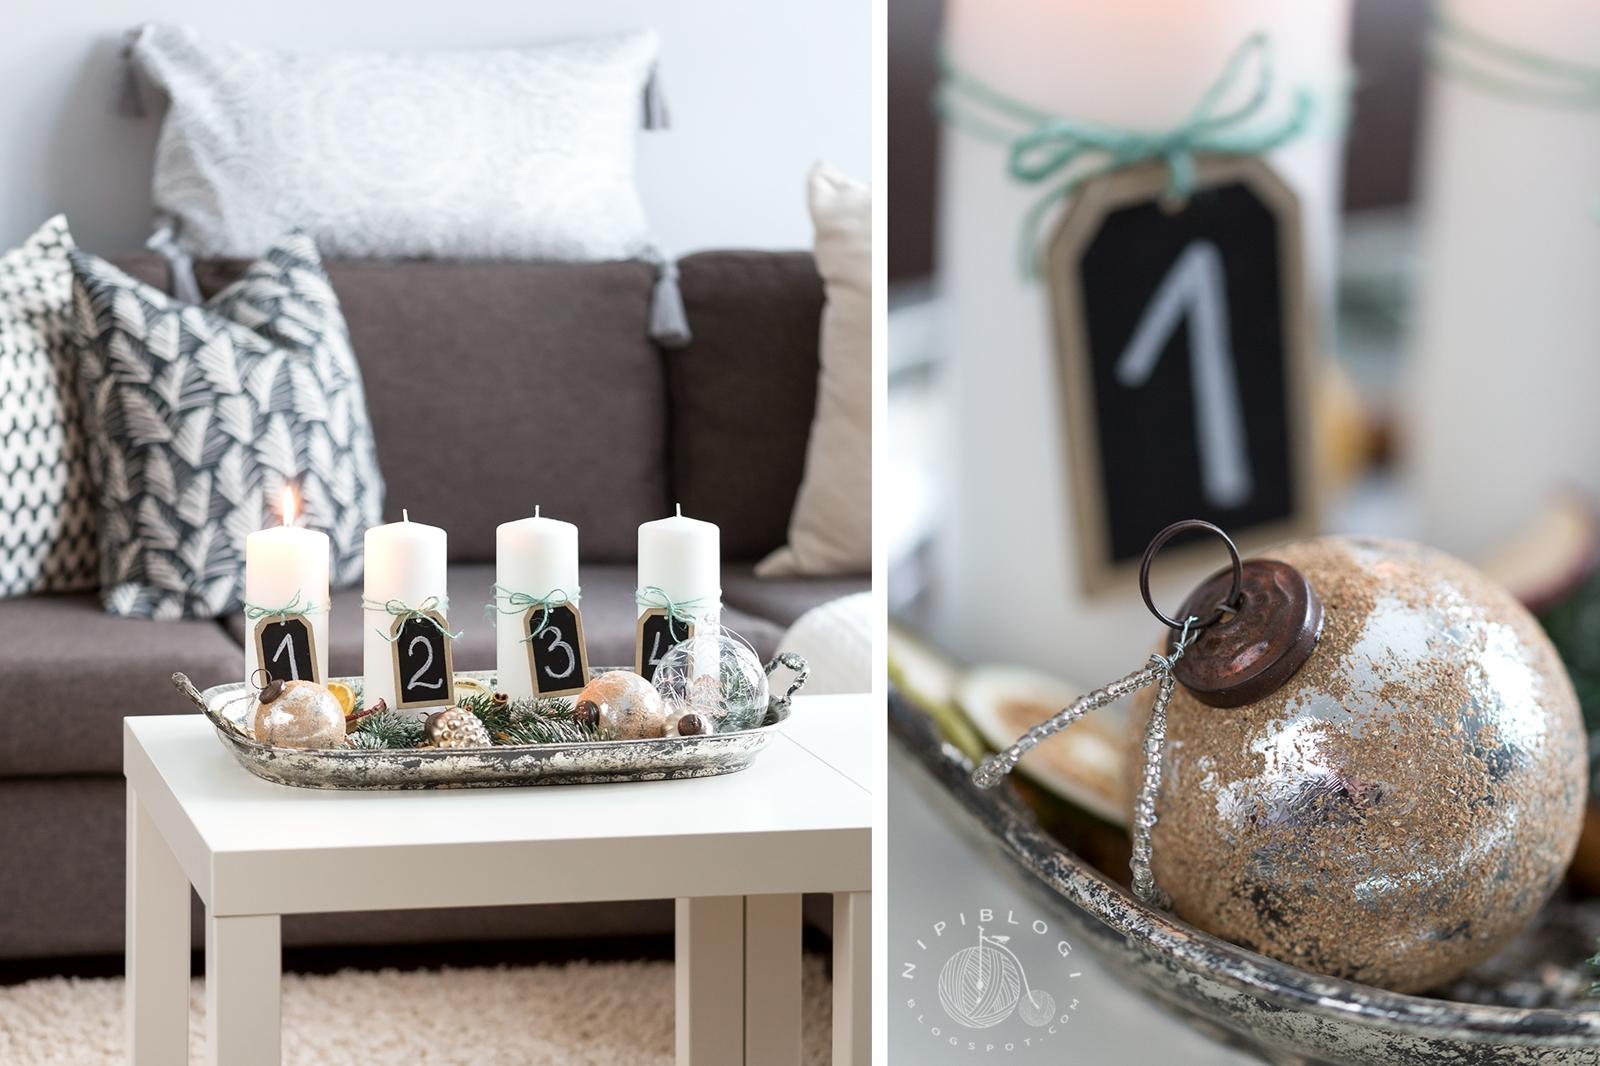 niipidi. Black Bedroom Furniture Sets. Home Design Ideas